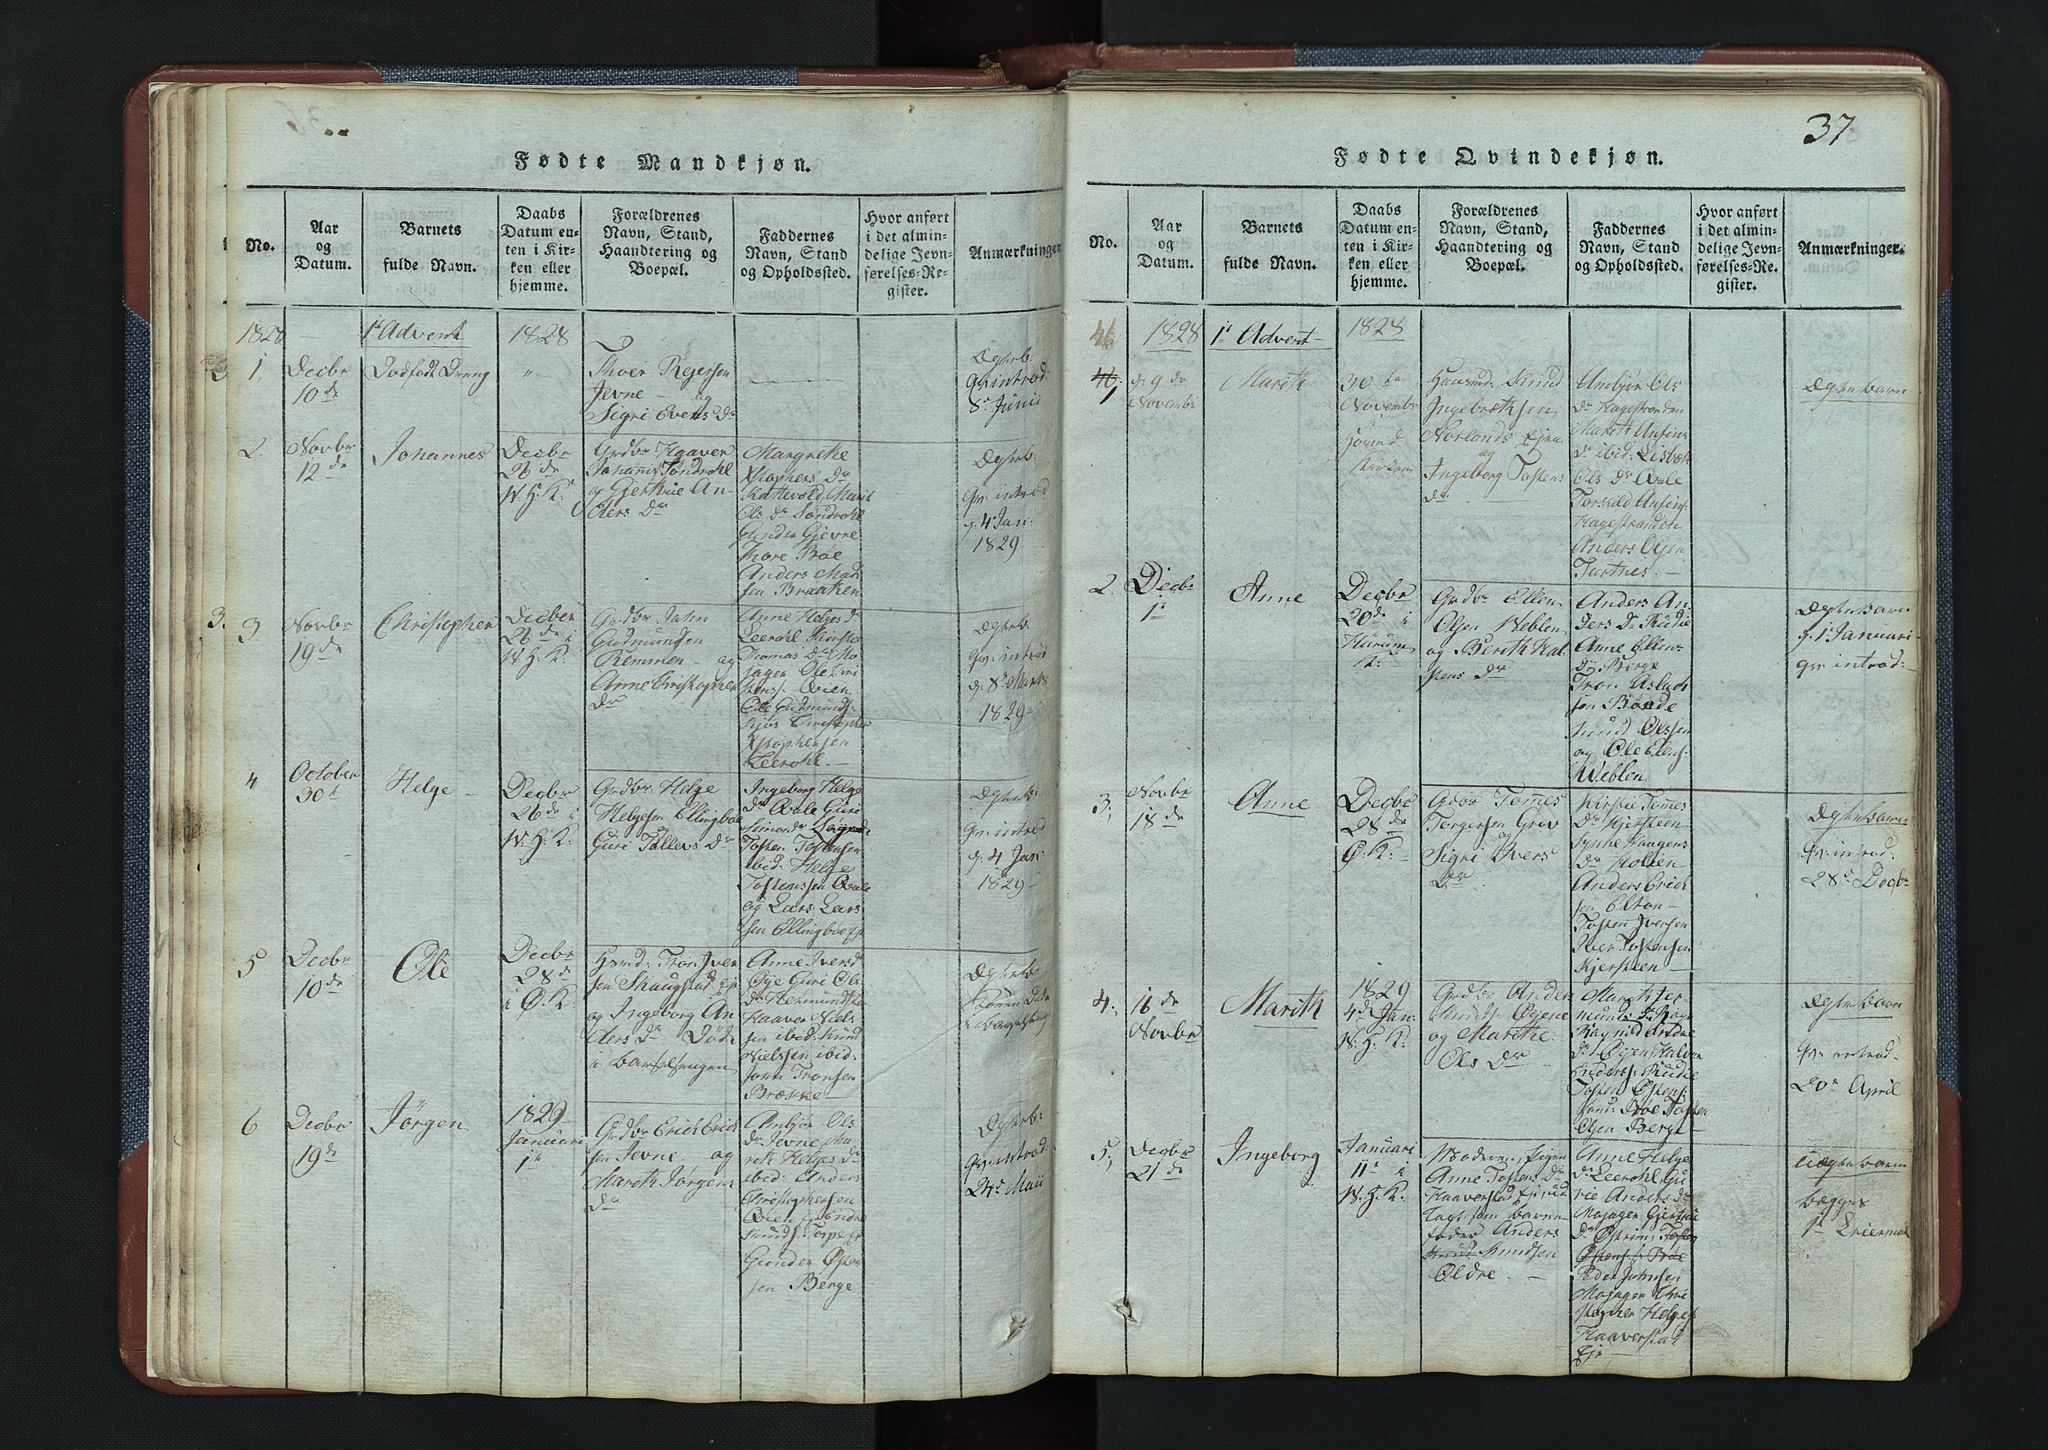 SAH, Vang prestekontor, Valdres, Klokkerbok nr. 3, 1814-1892, s. 37